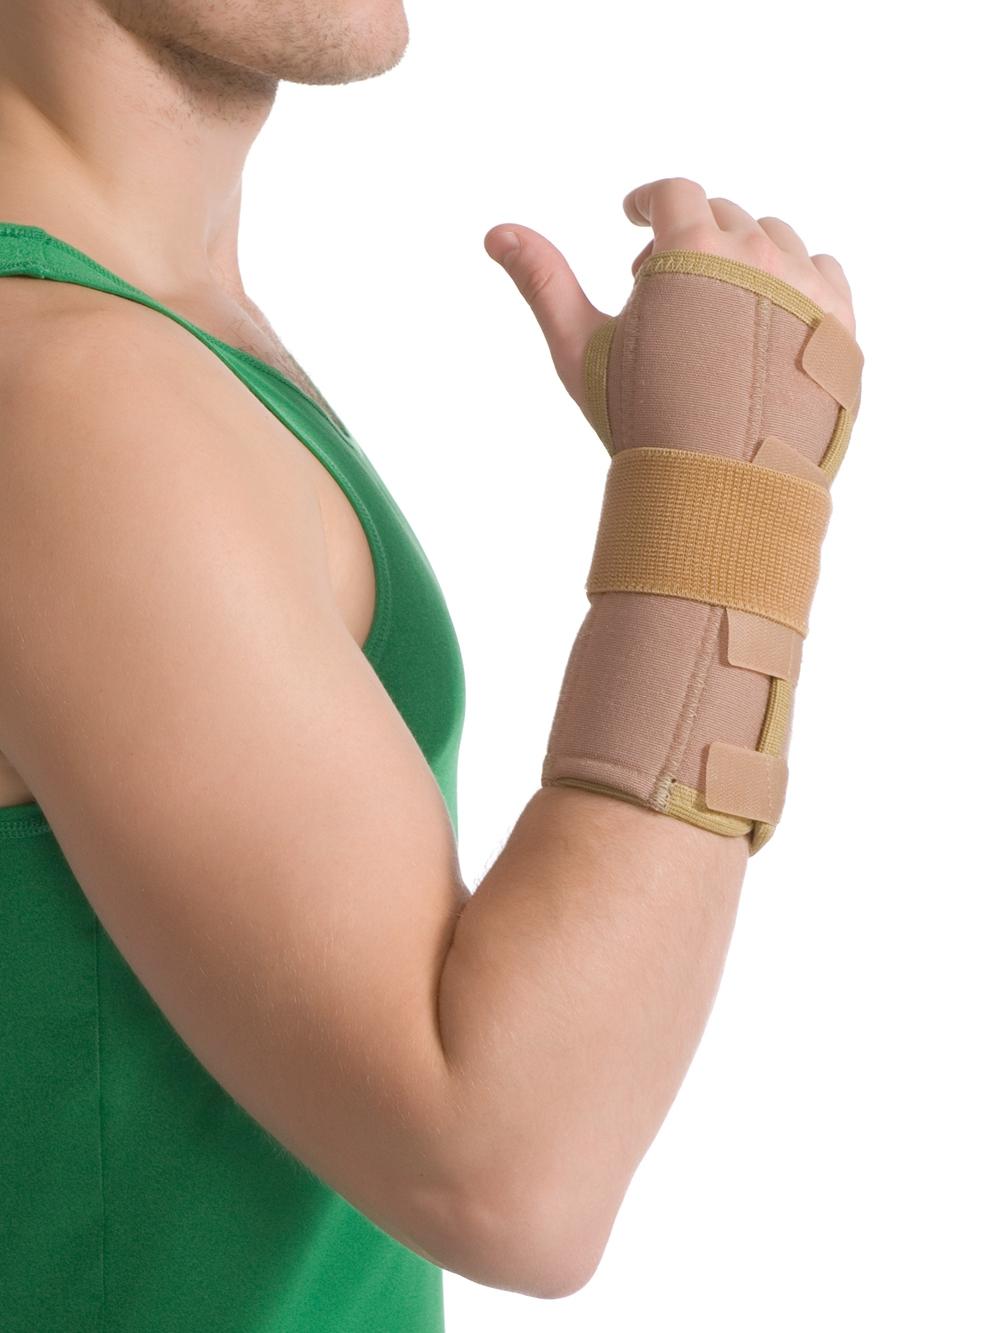 Эластичный бандаж на лучезапястный сустав замена протеза тазобедренного сустава